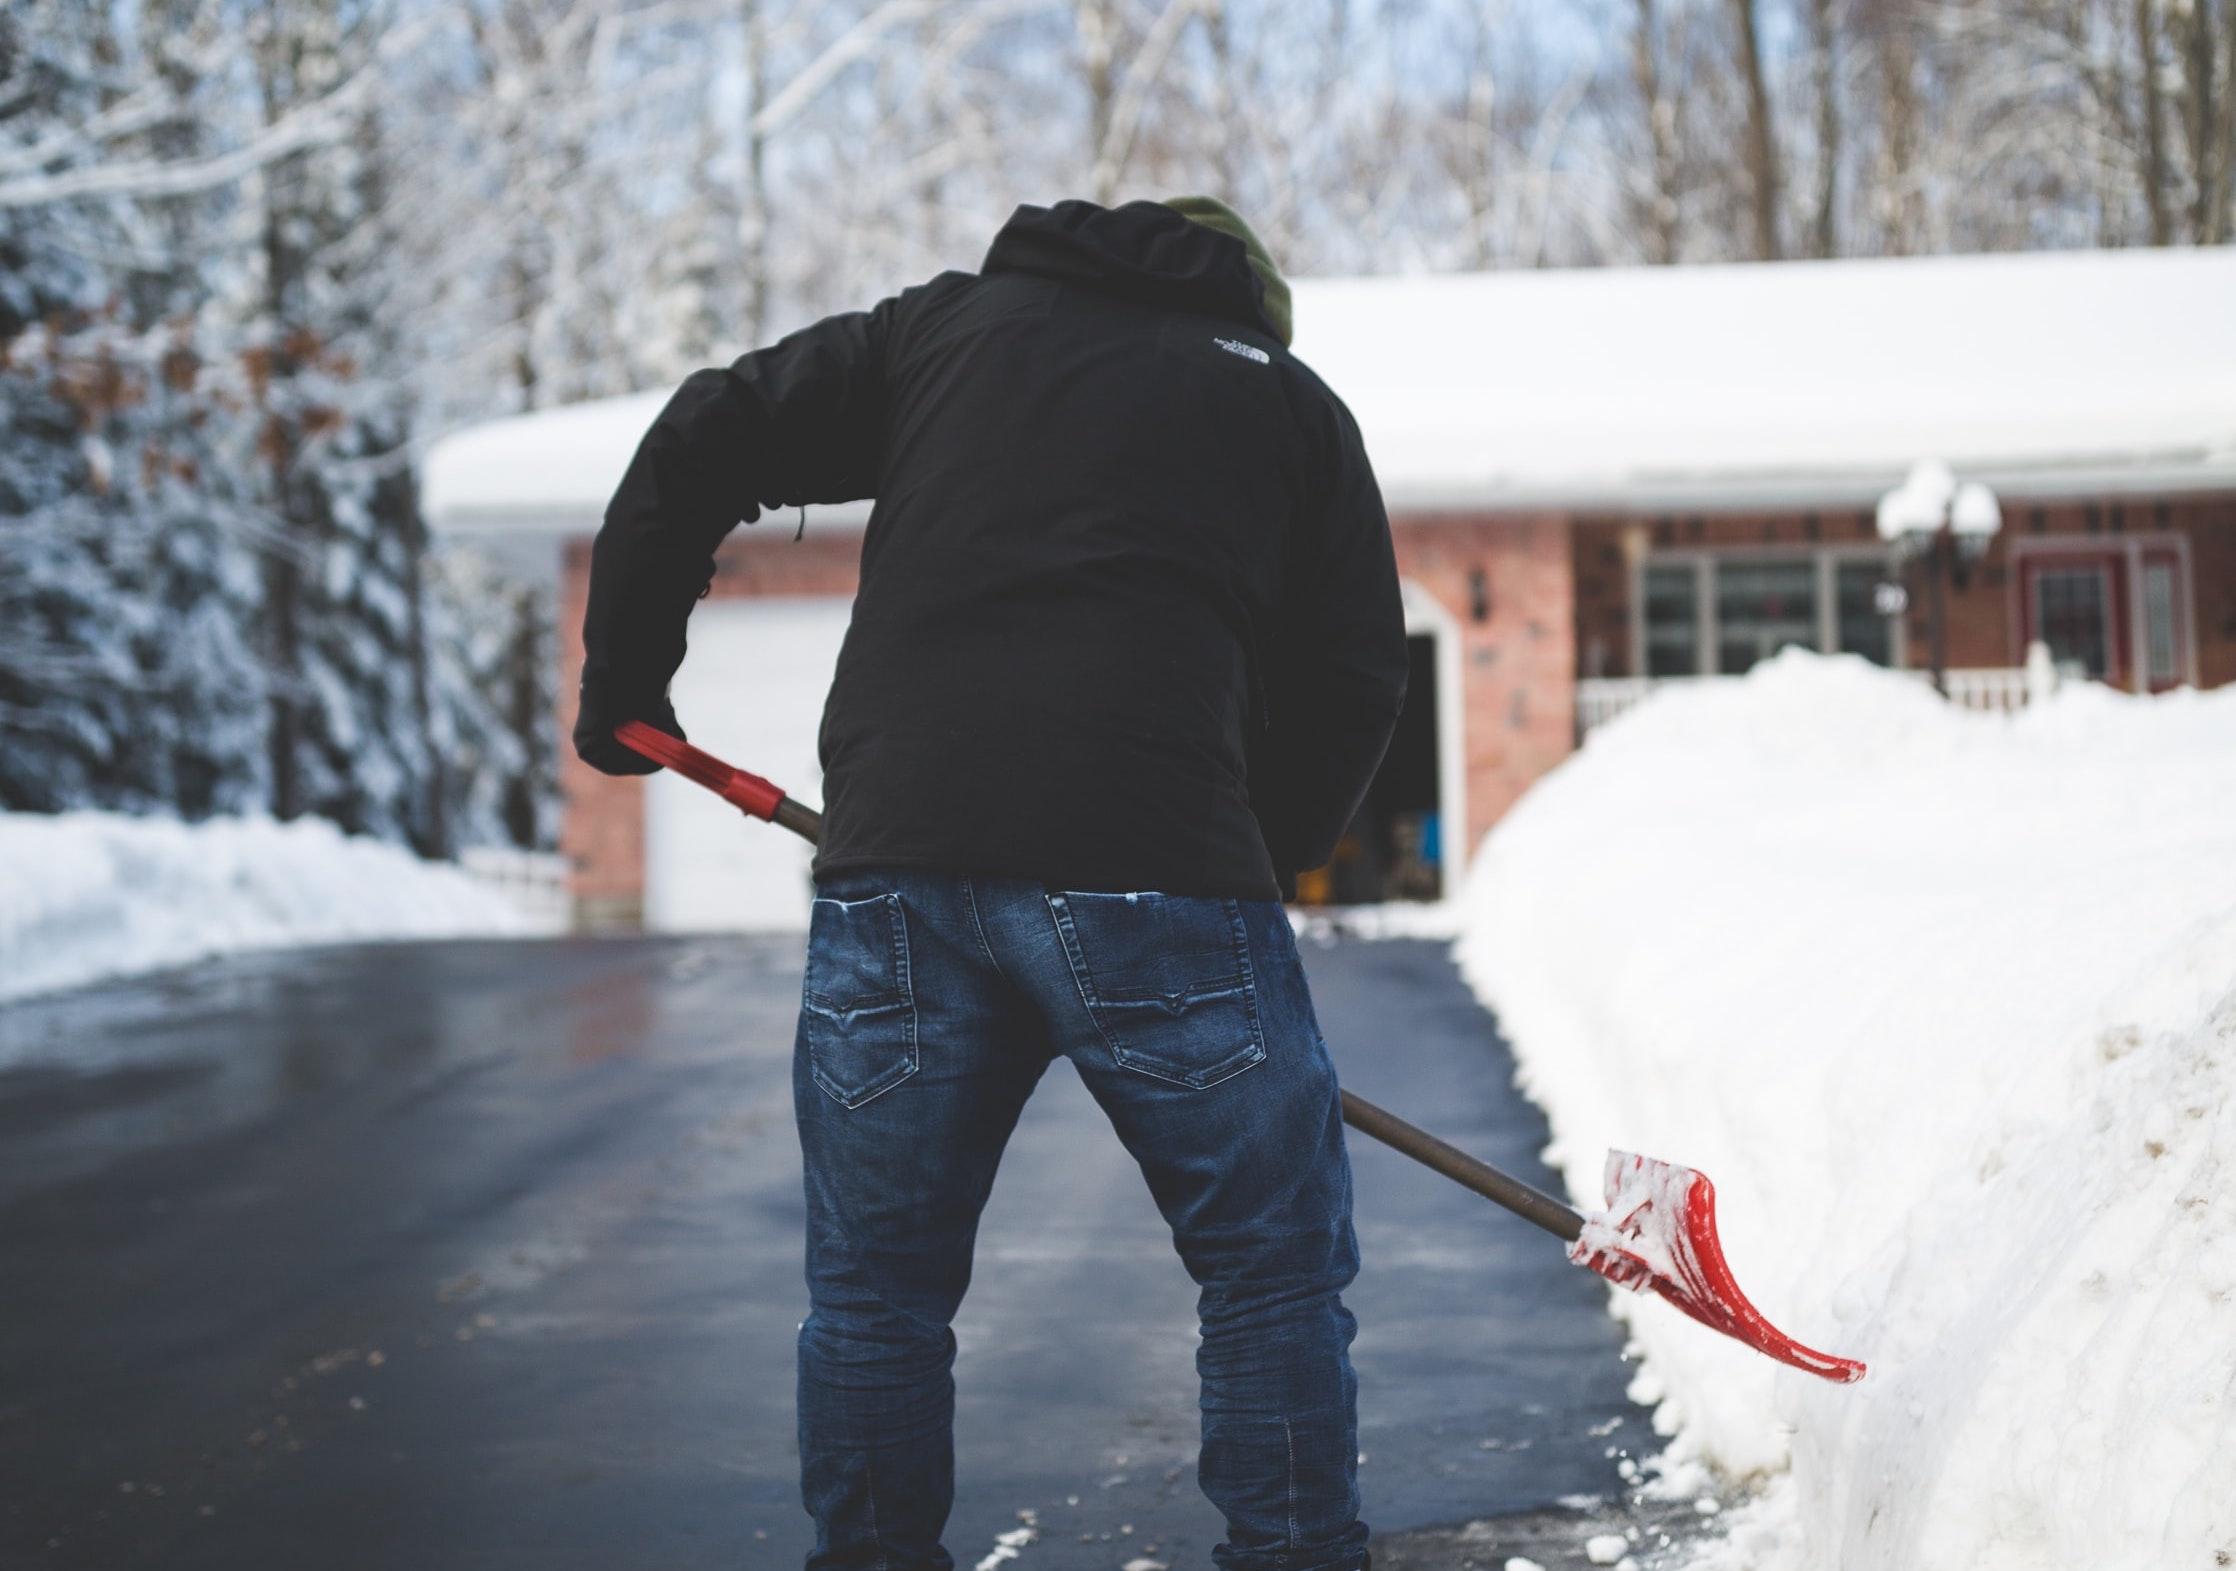 Which Snow do you Shovel?